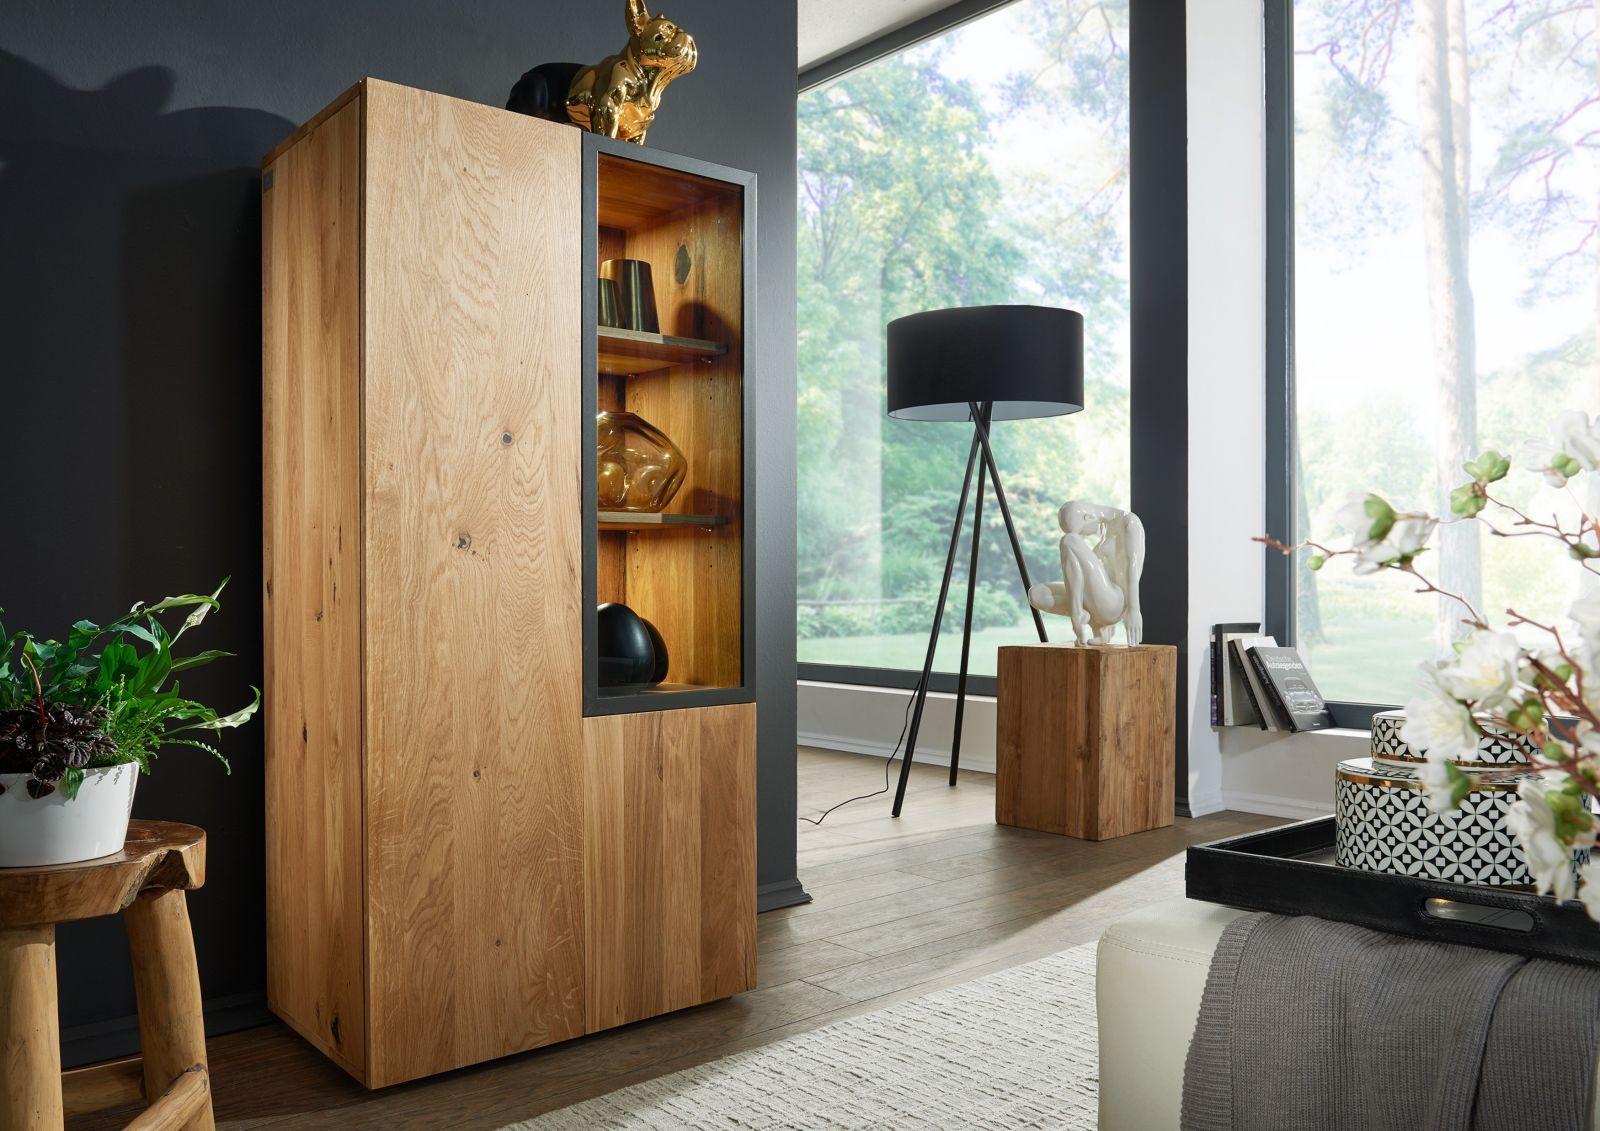 #massivmoebel24 #Eiche #Eichenholz #wood #wohnen #holzdetail #massiv #Zerreiche #Inspiration #interior #Wohnzimmer #Möbel #holz #instainterior #instahome #interiorlover #livingroom #schrank #highboard #modern #furniture  #einrichtung #einrichtungsideen #decoracao #decorideas #bamberg #modernhomes #dailyinterior #eichenmöbel